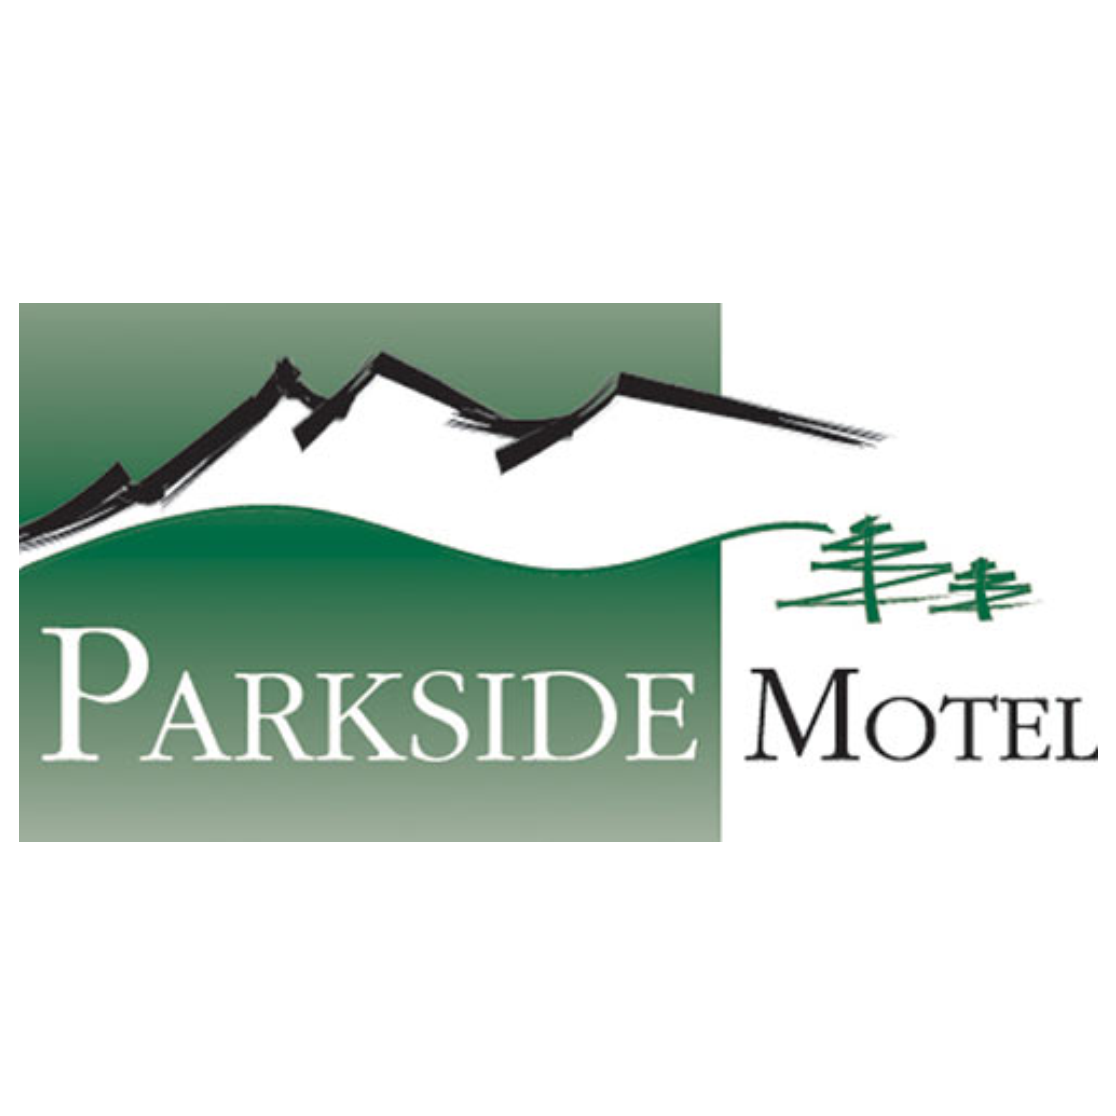 Parkside Motel.png